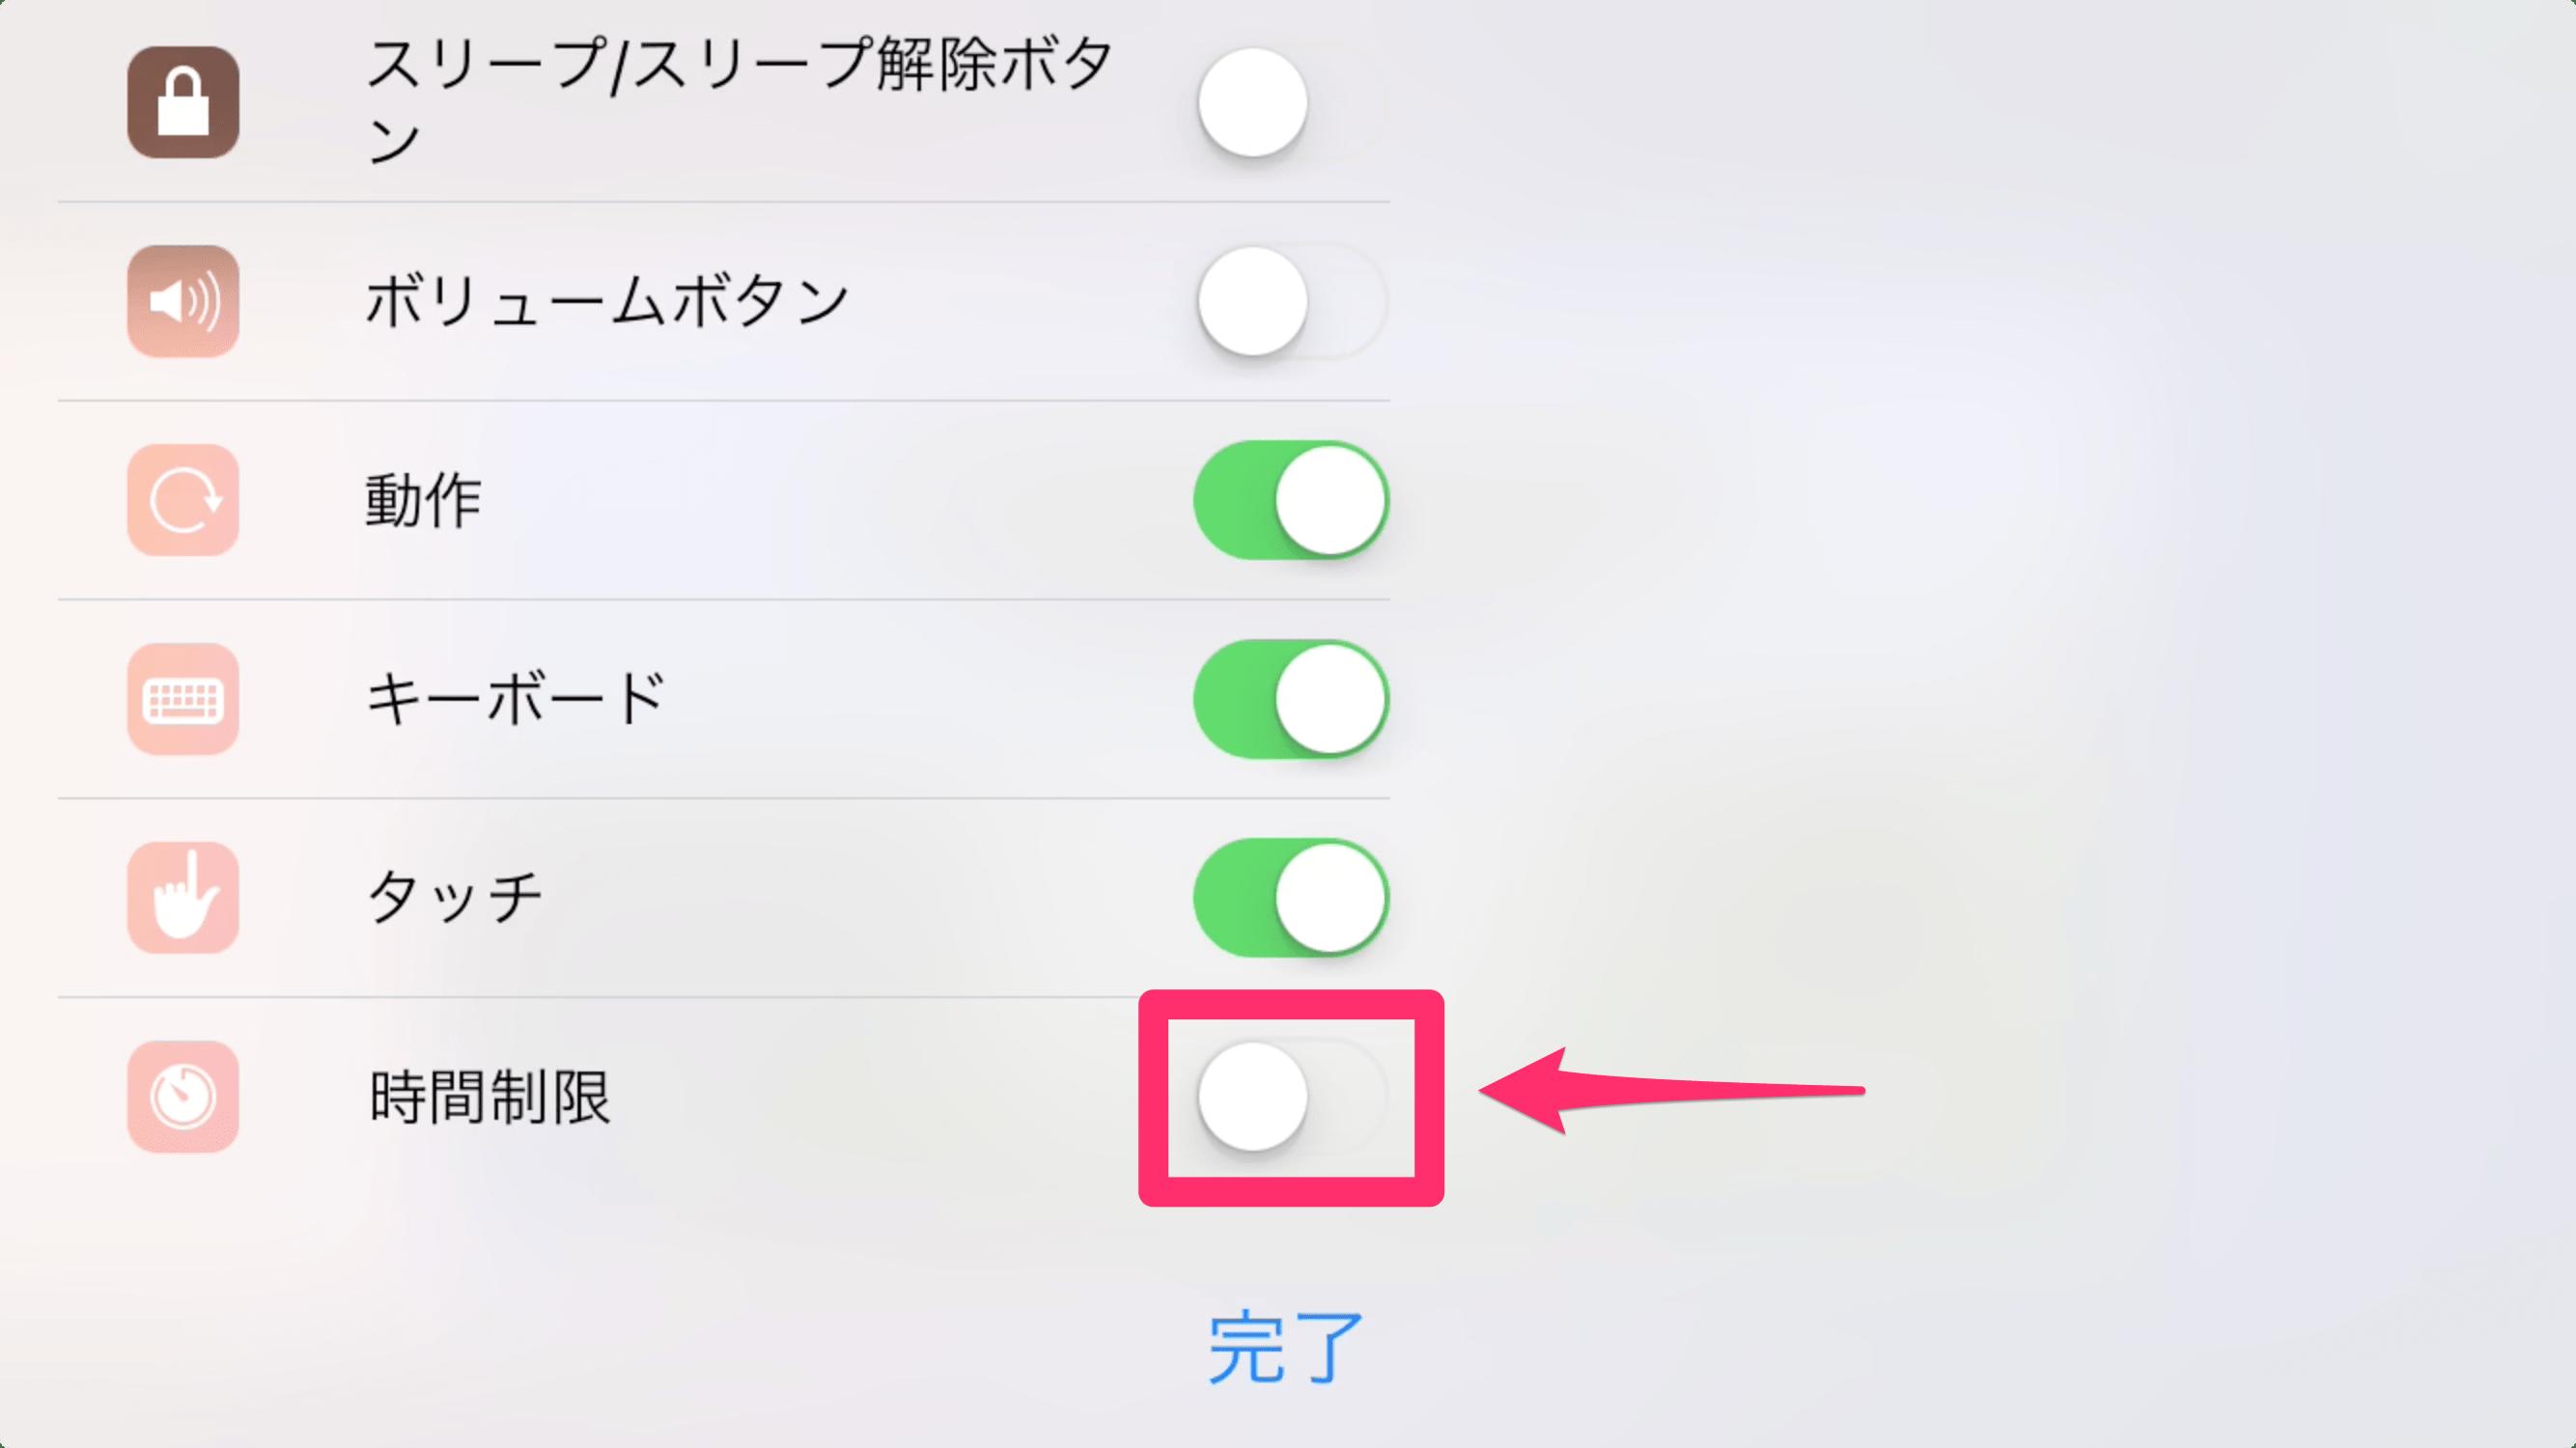 子どもにiPhoneを渡すときに! 時間制限つきで1つのアプリだけを使えるようにする「アクセスガイド」活用法